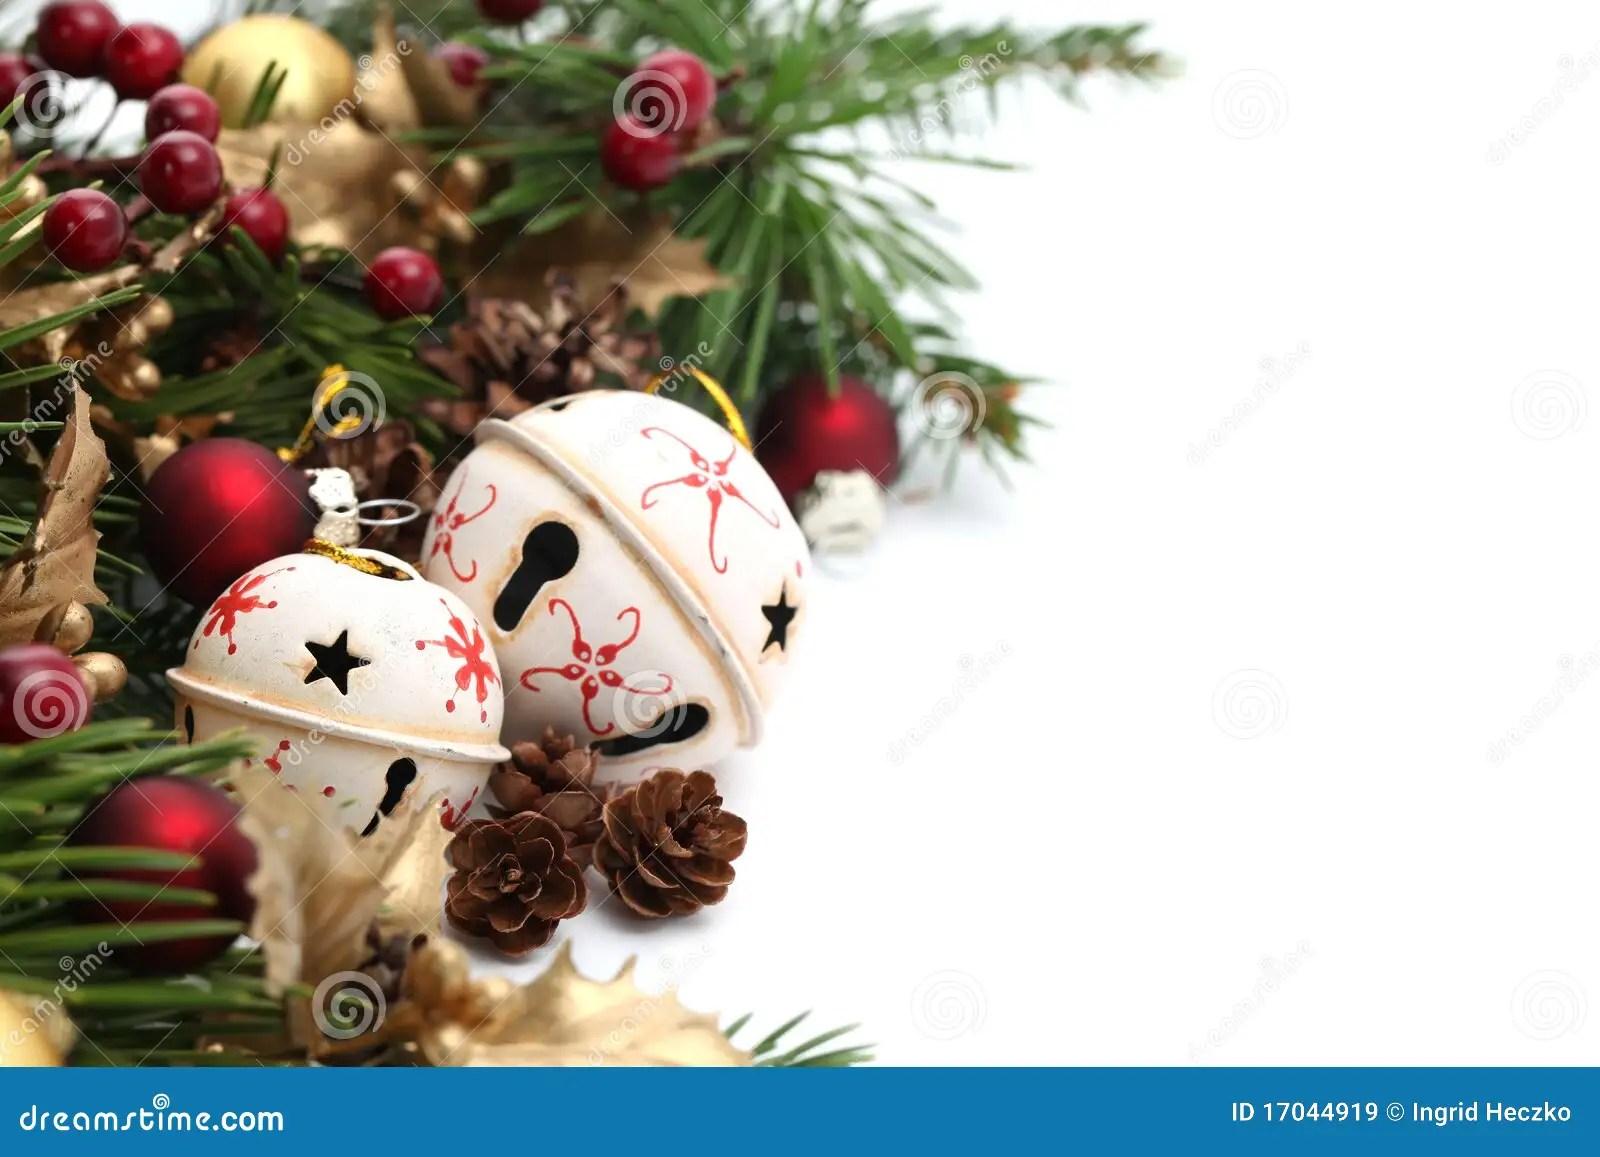 Jingle Bell Christmas Ornaments